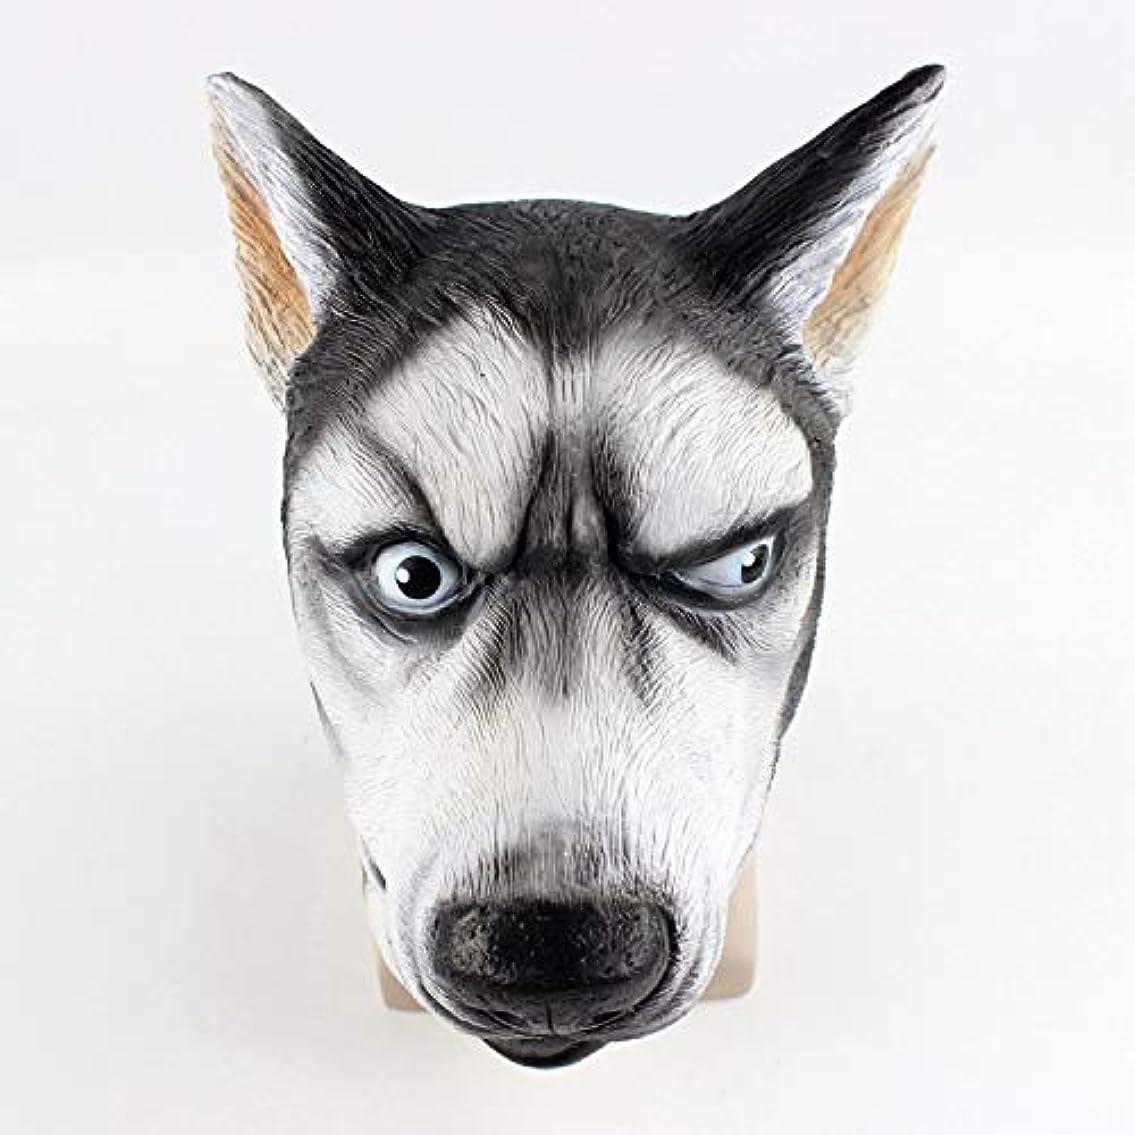 正直険しいブラストシベリアンハスキー犬ラテックス動物ヘッドマスクノベルティコスチュームラバーマスク用ハロウィン動物犬ヘッドマスク